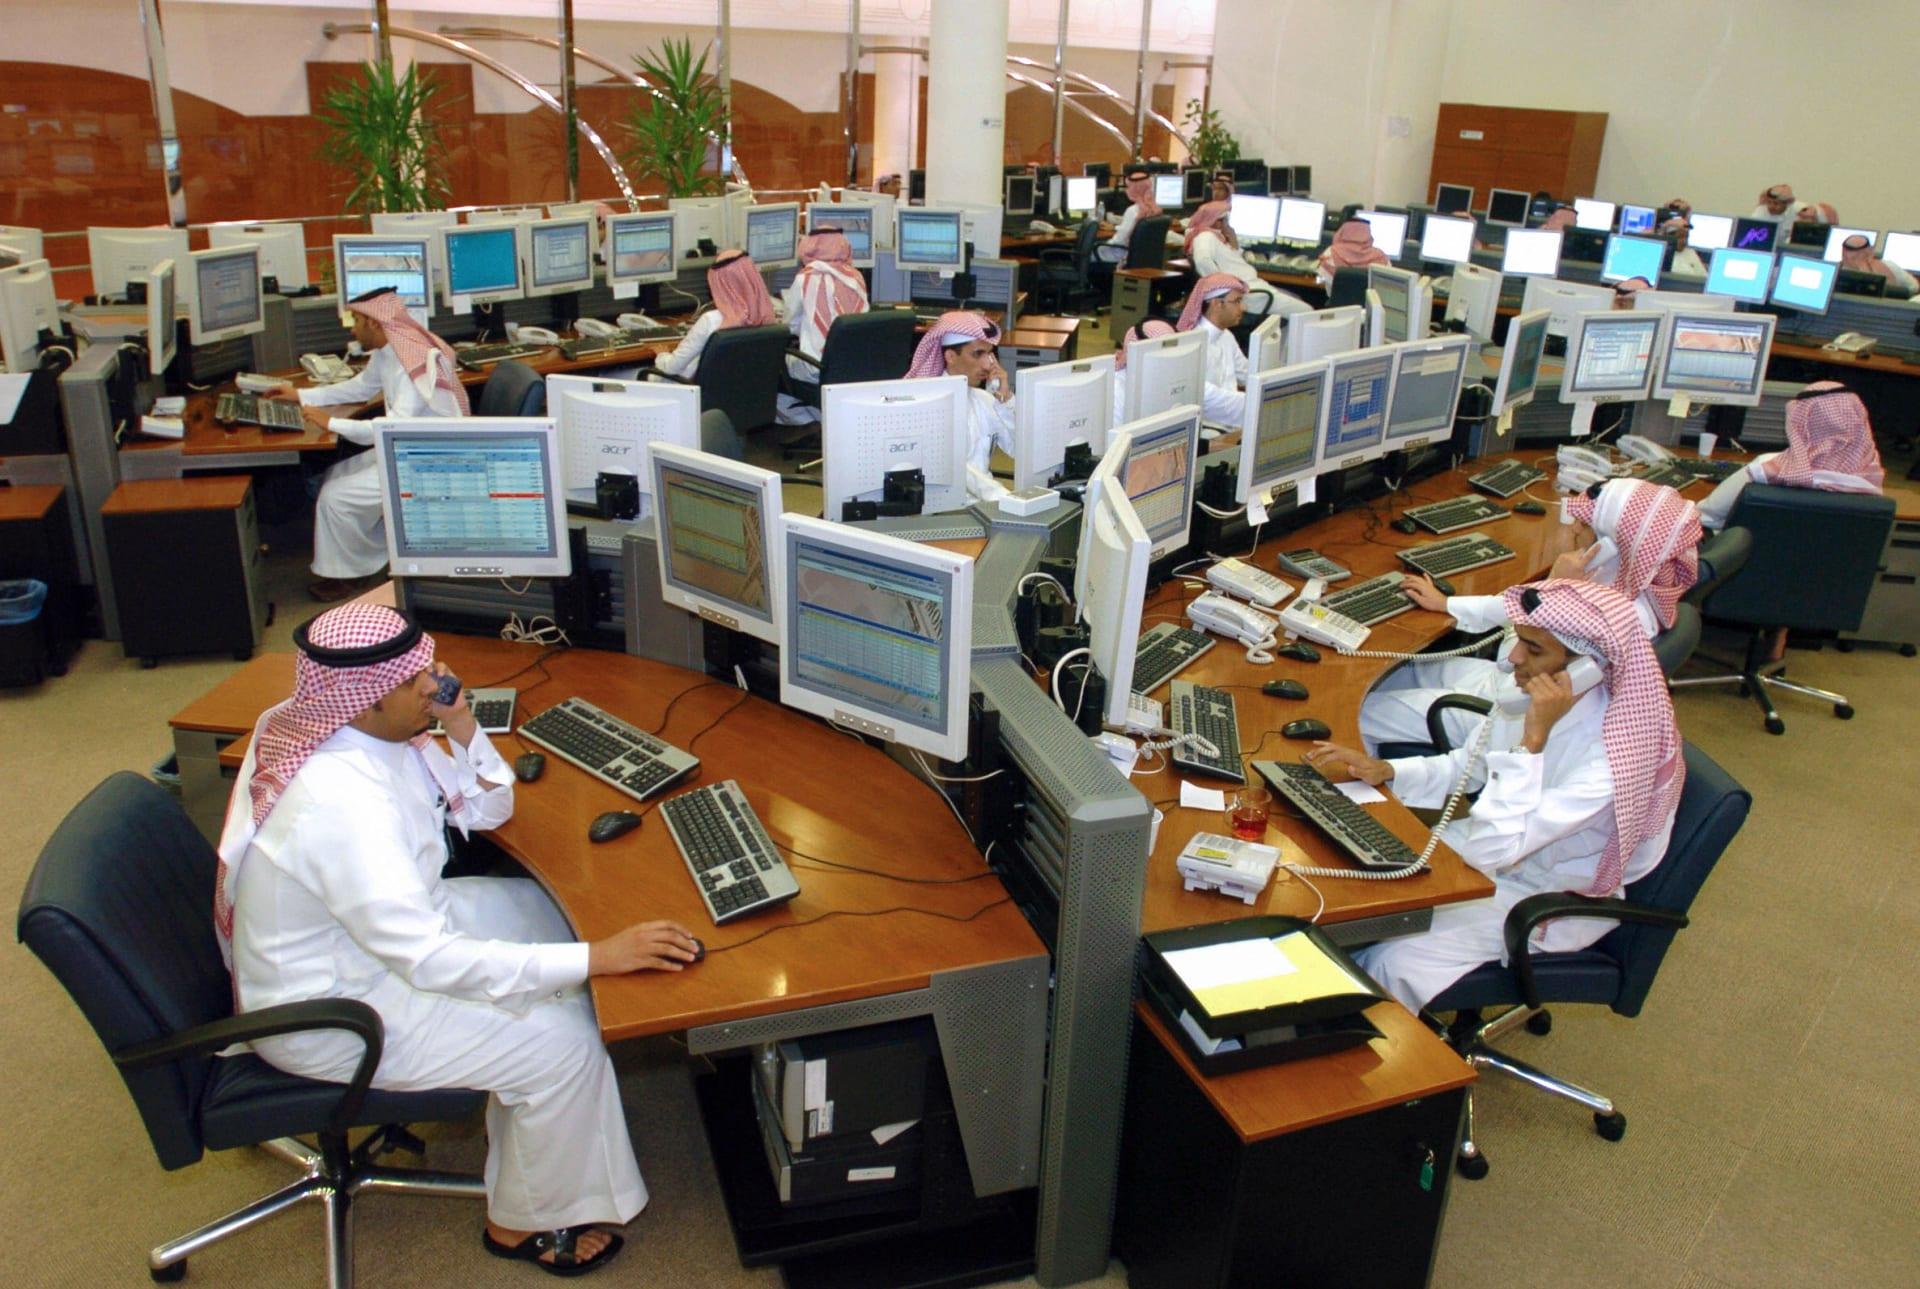 ما هي أبرز المزايا التي تقدمها الشركات في السعودية لموظفيها؟